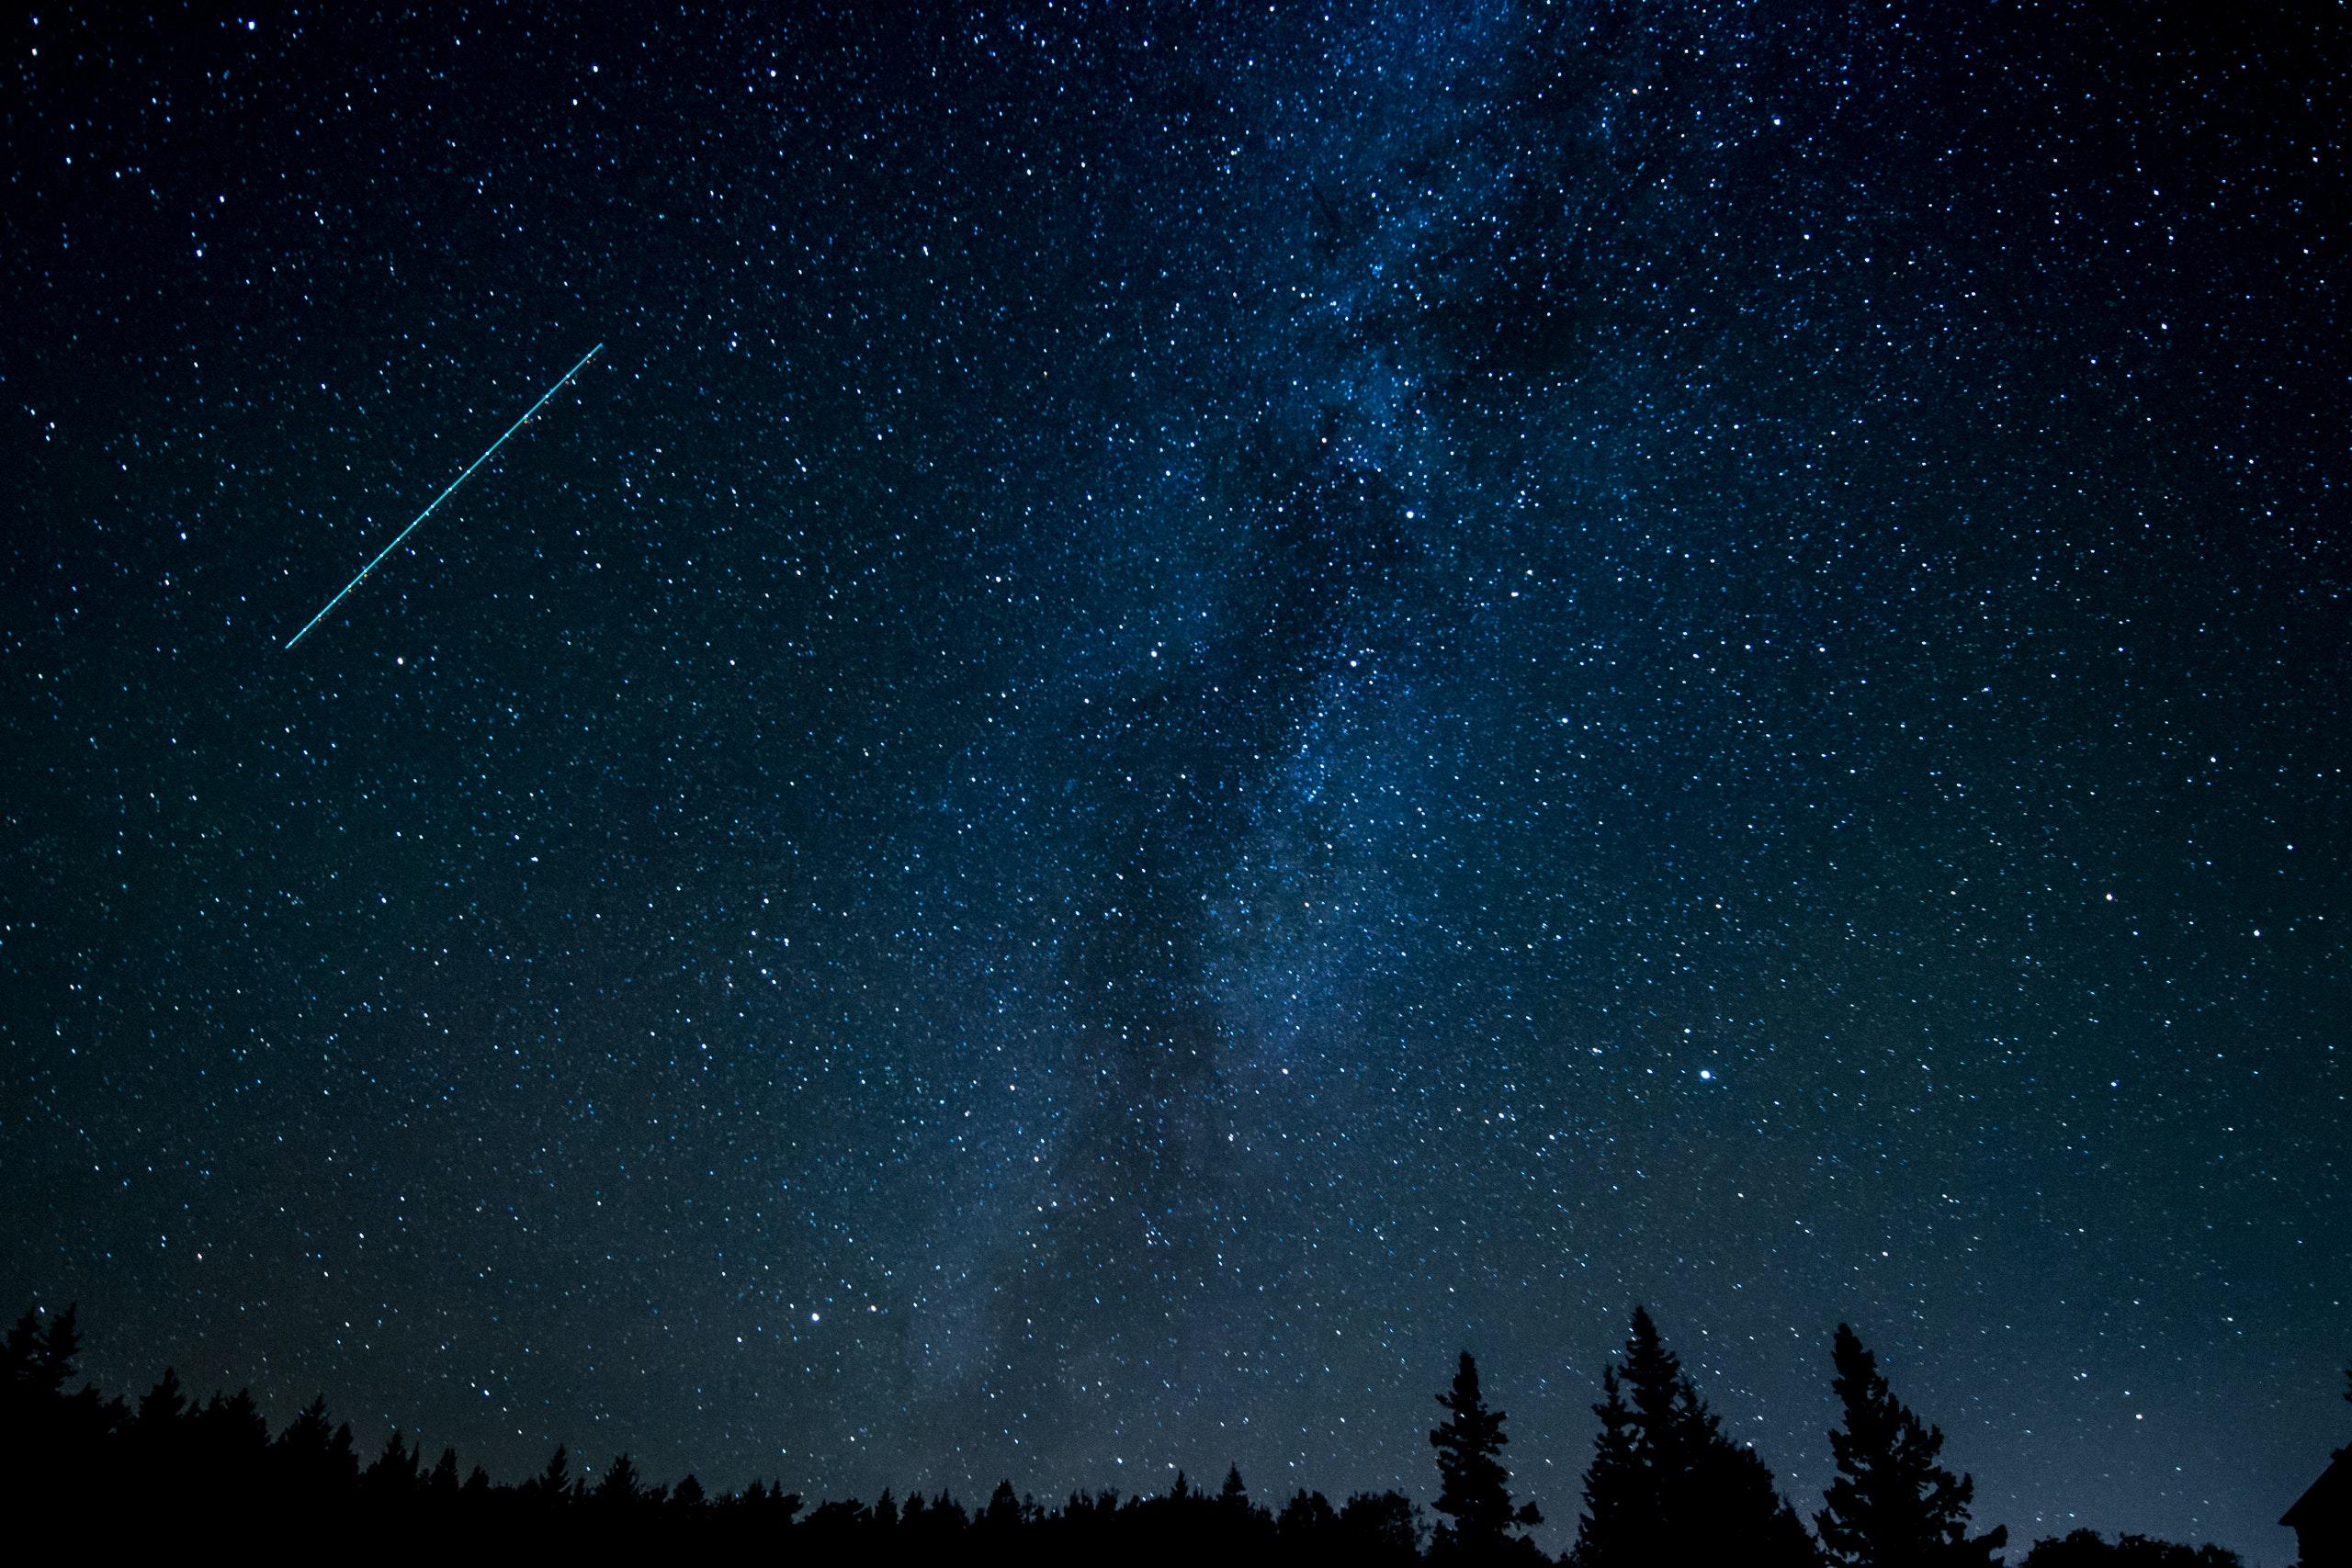 Une pluie d'étoiles filantes des Lyrides à observer cette semaine